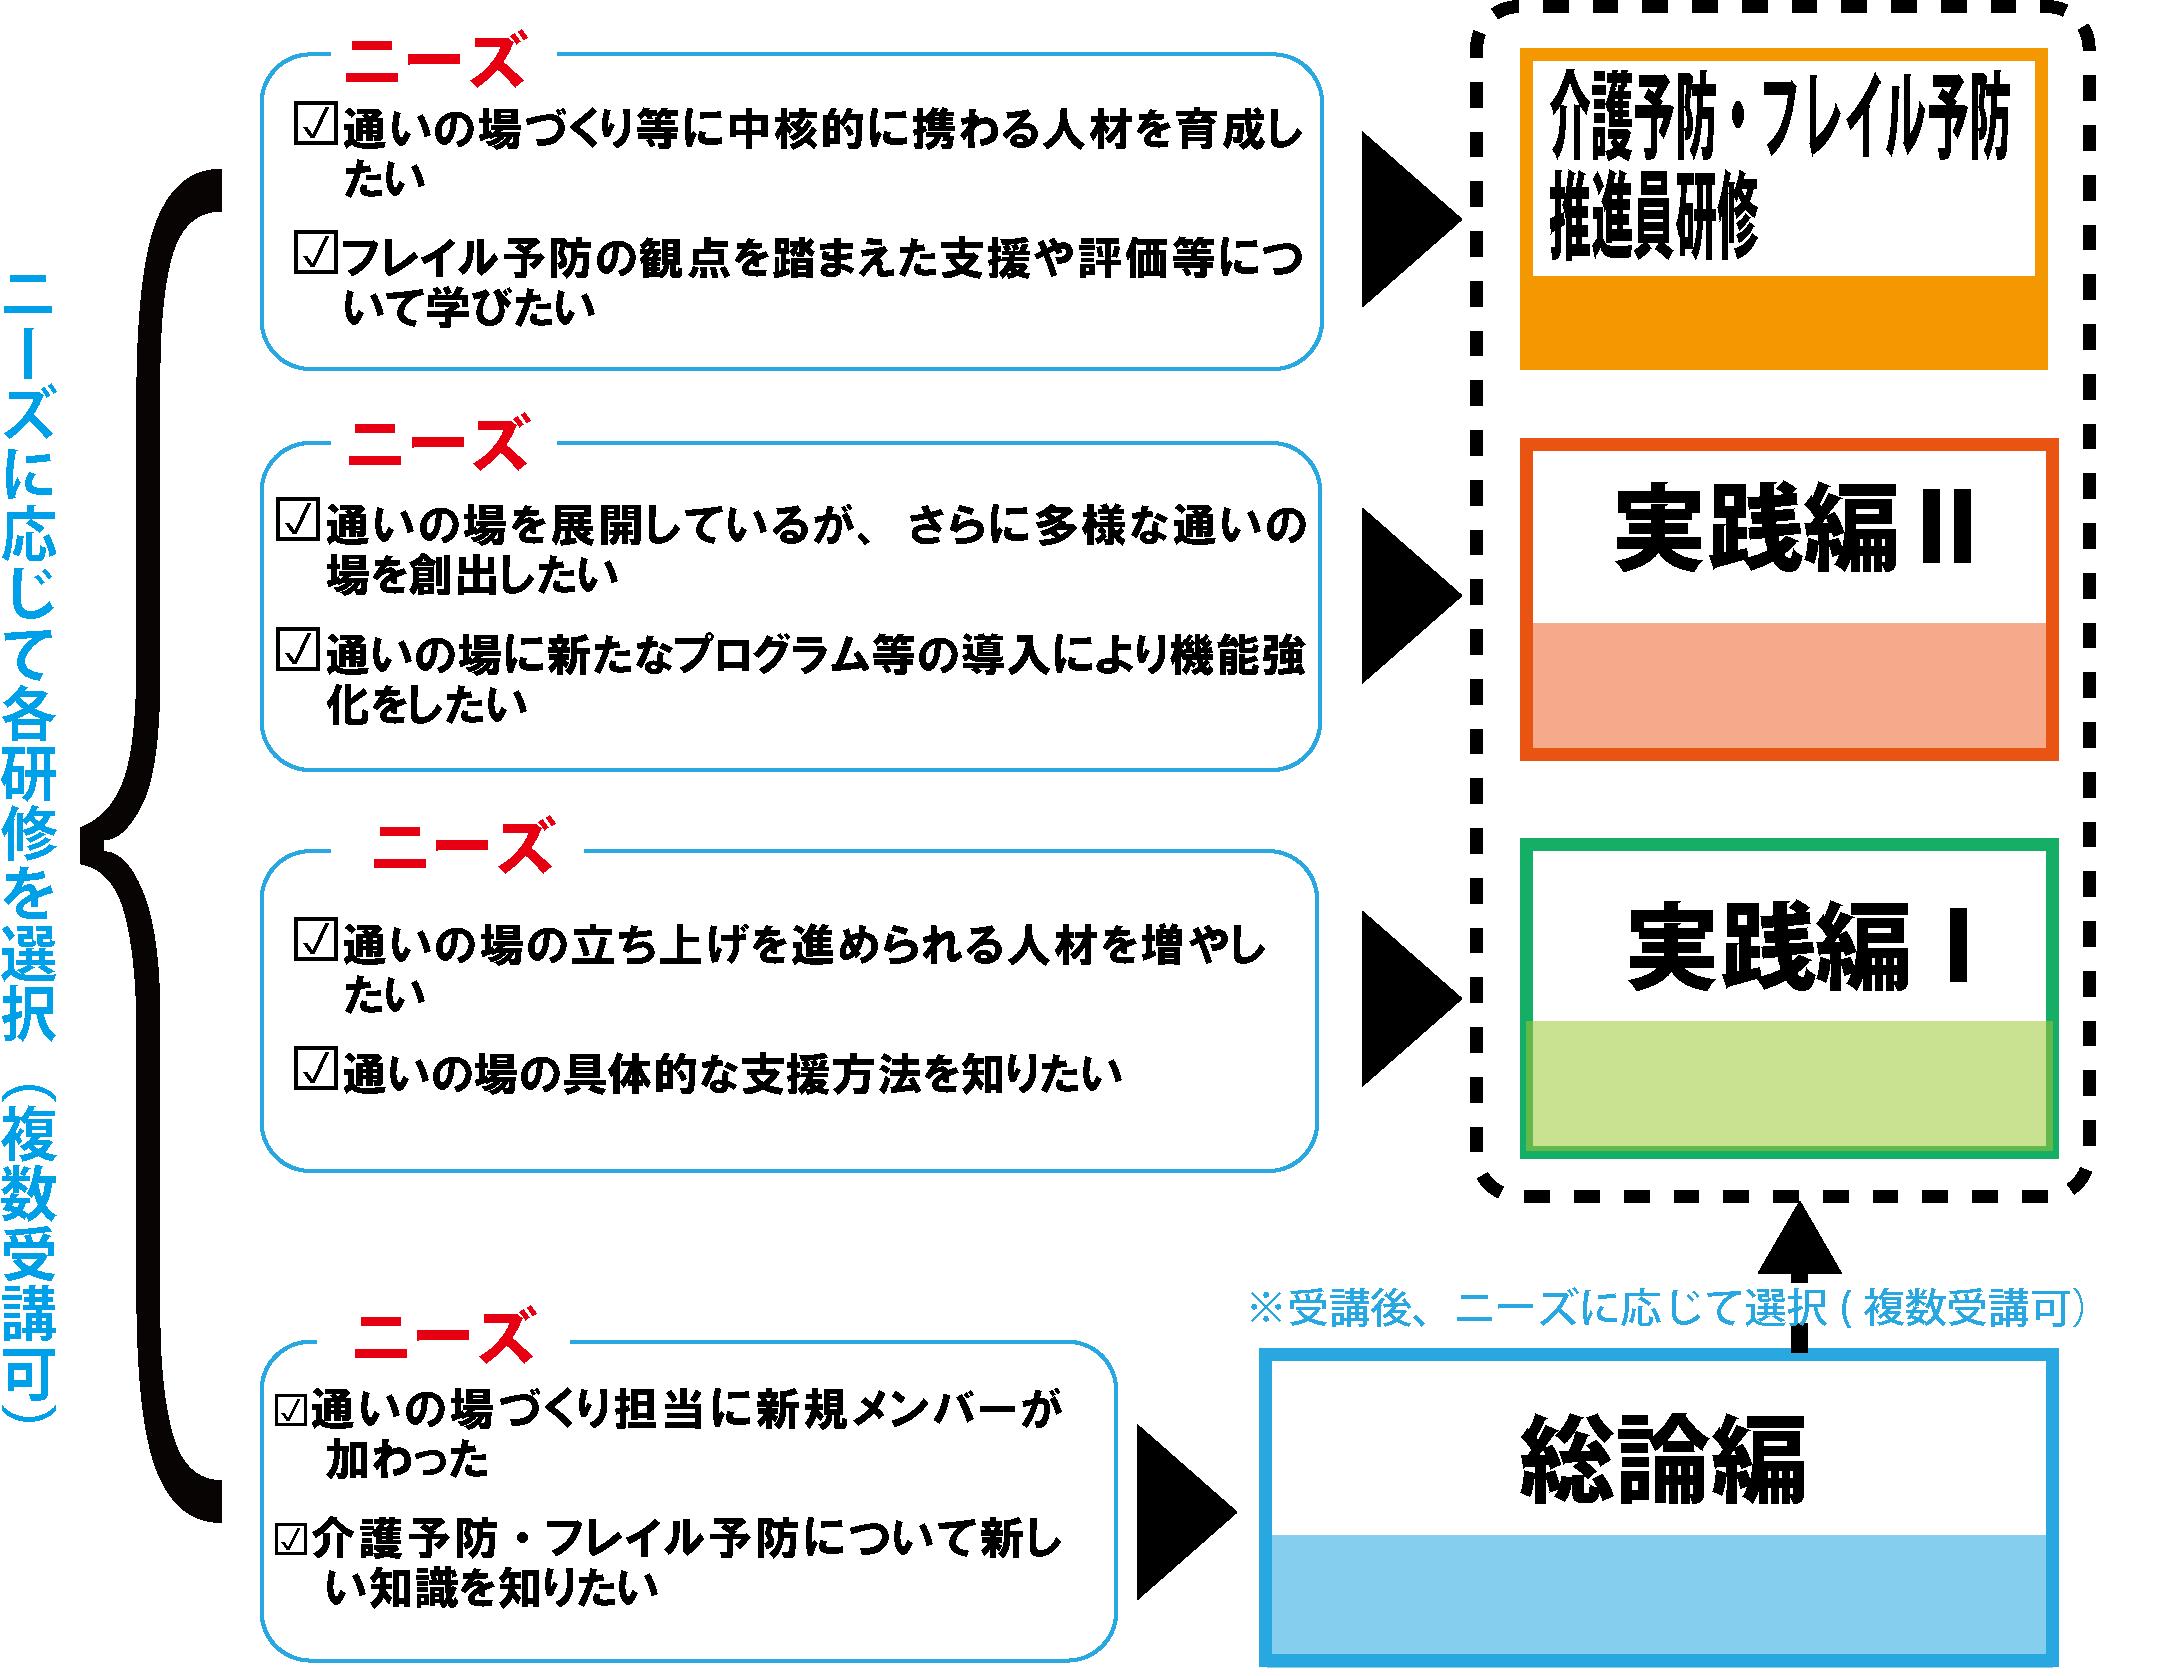 P3図3研修のニーズ図.png